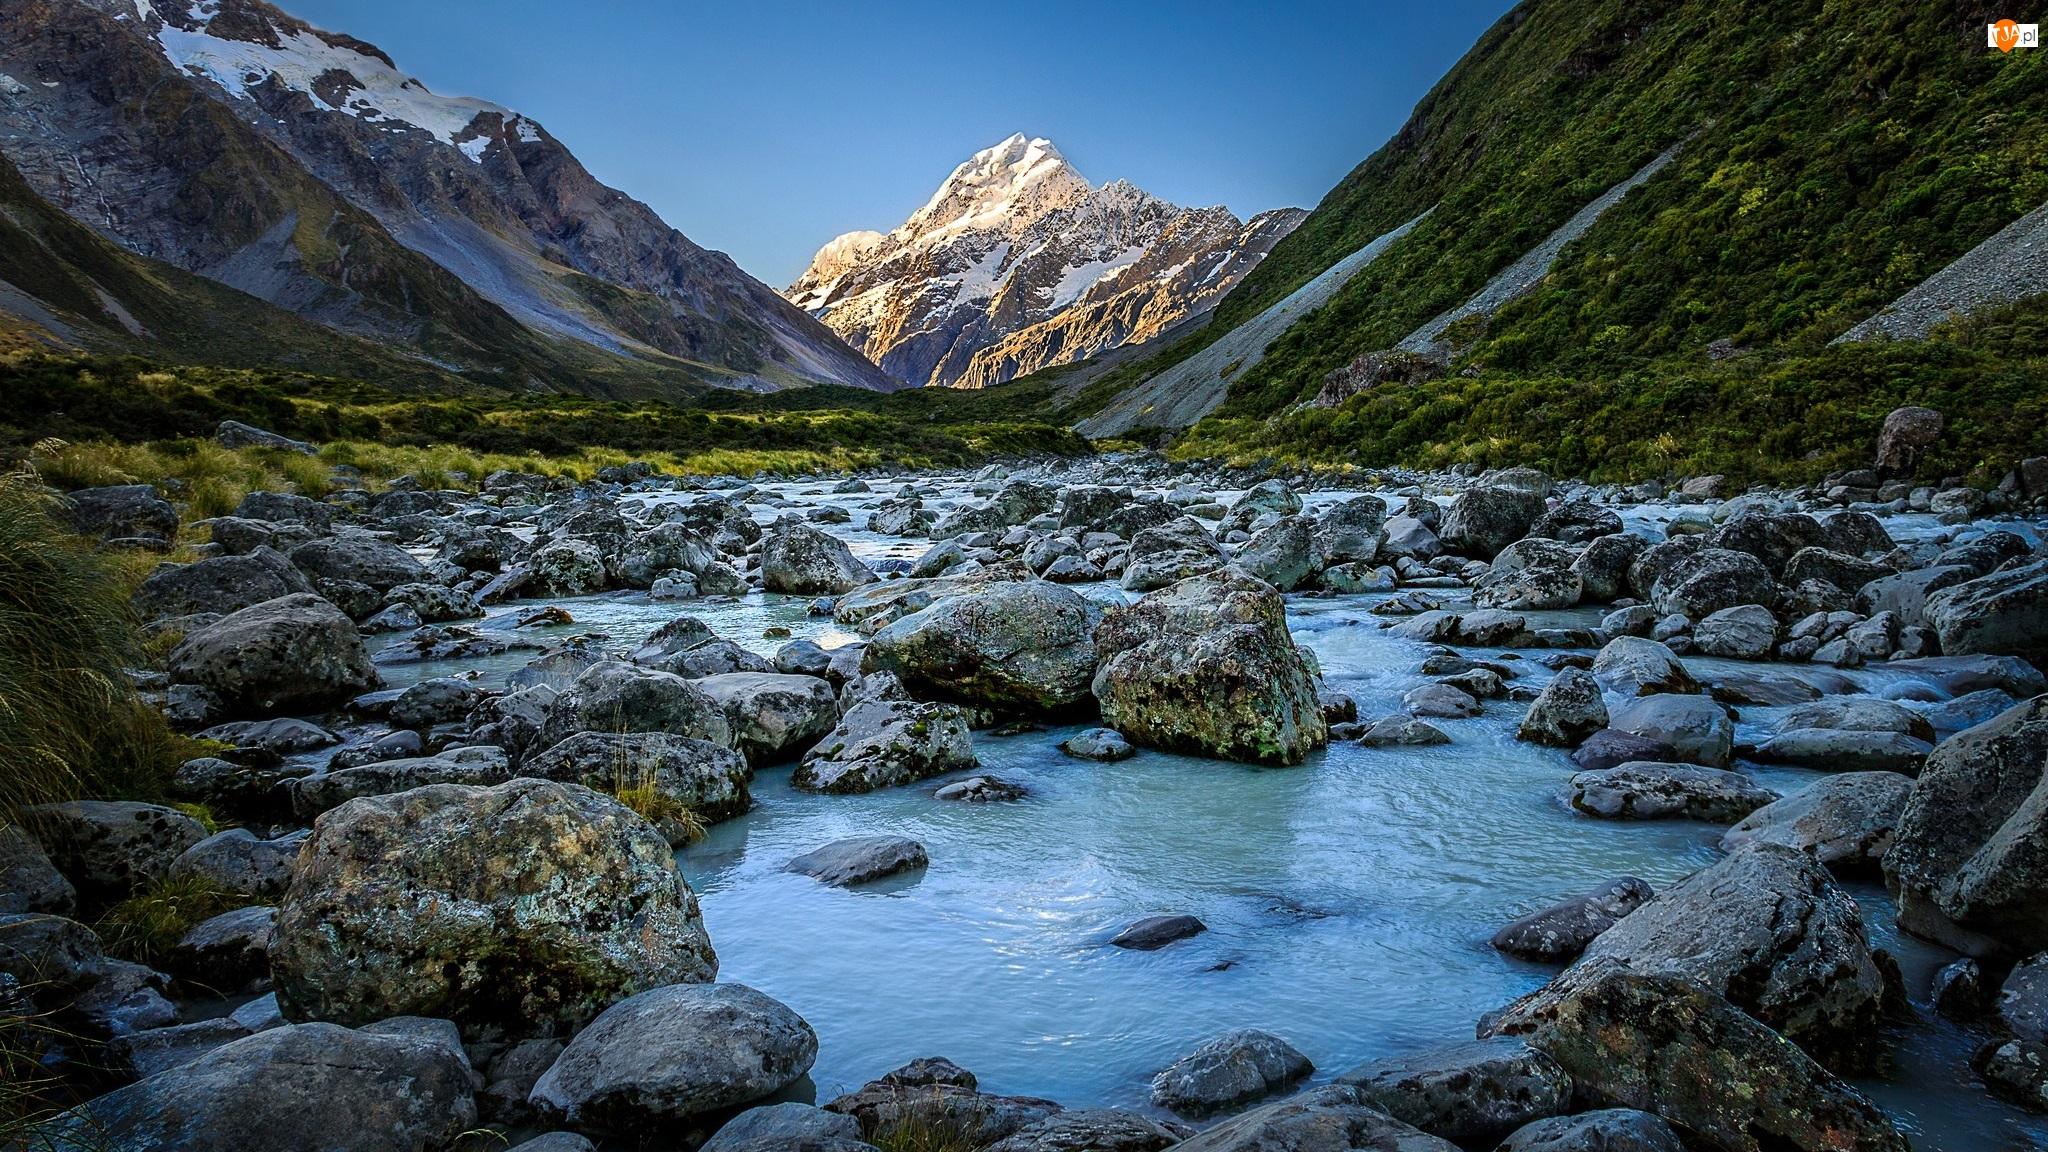 Kamienie, Nowa Zelandia, Góra Cooka - Mount Cook, Rzeka Hooker, Góry